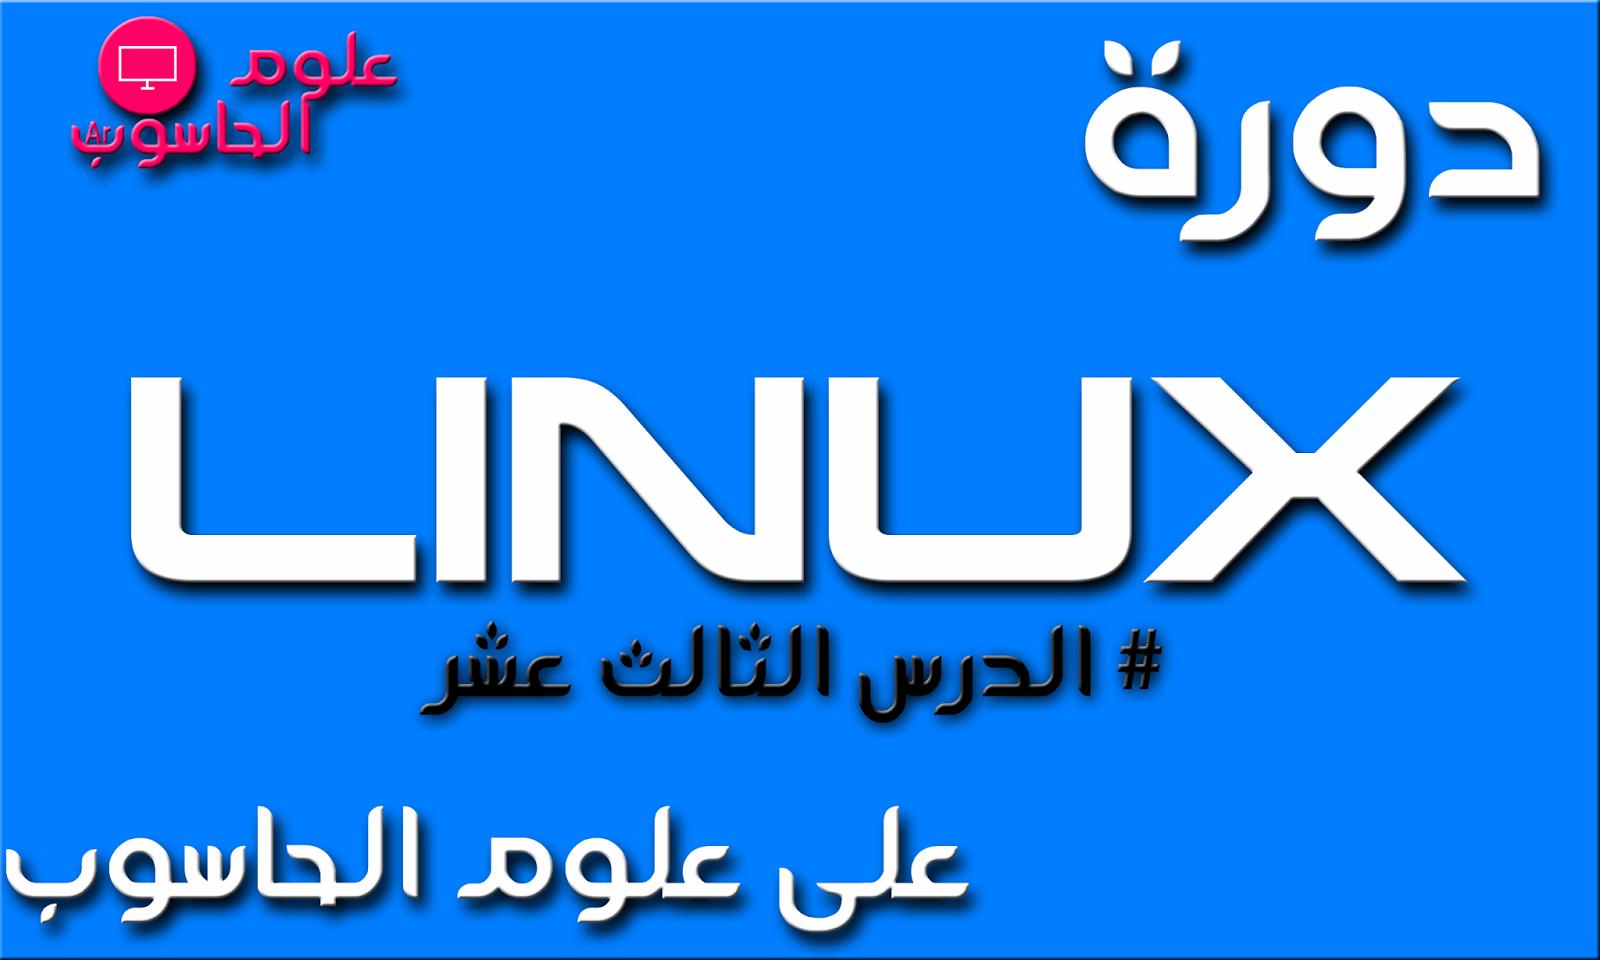 دورة لينكس Linux - الدرس الثالث عشر:كيفية الحصول على صلاحيات الروت في أنظمة لينكس